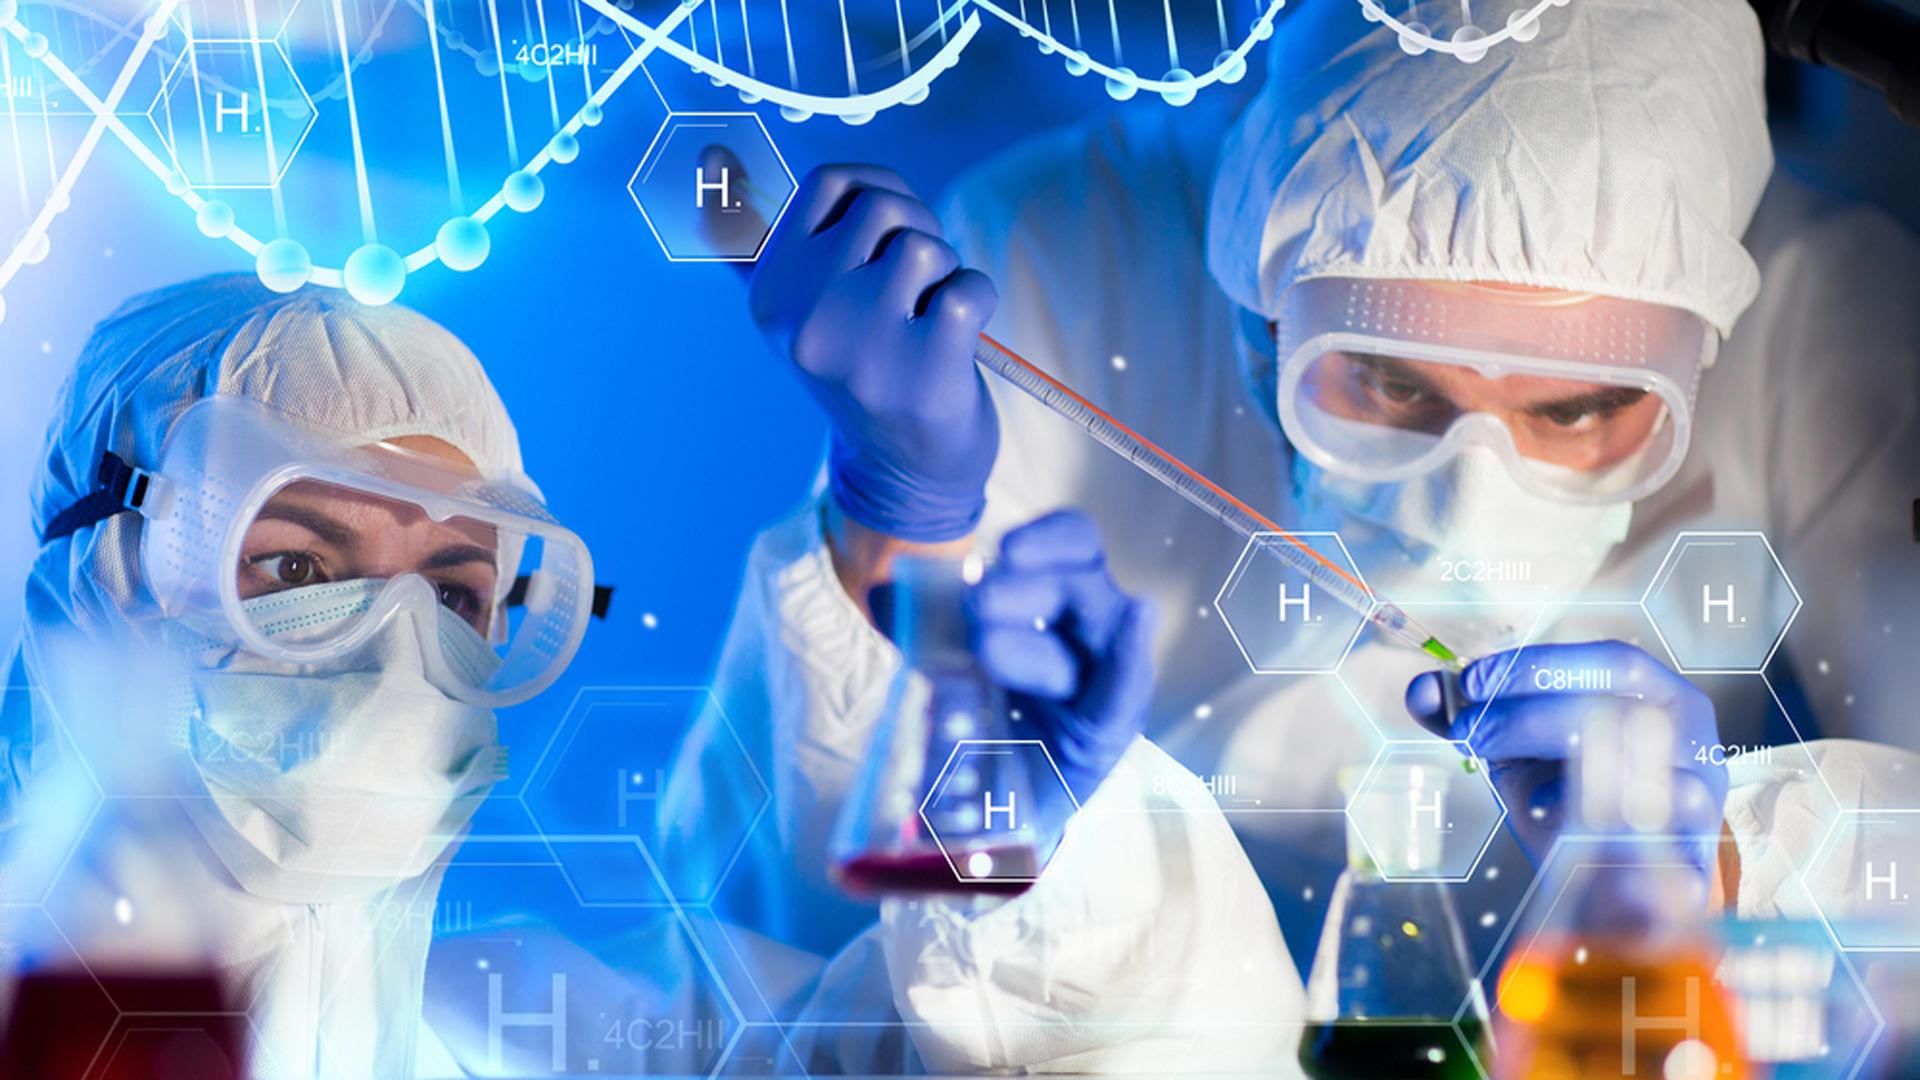 Los biomarcadores permiten que los científicos descubran mucho más rápido el medicamento indicado (Shutterstock)